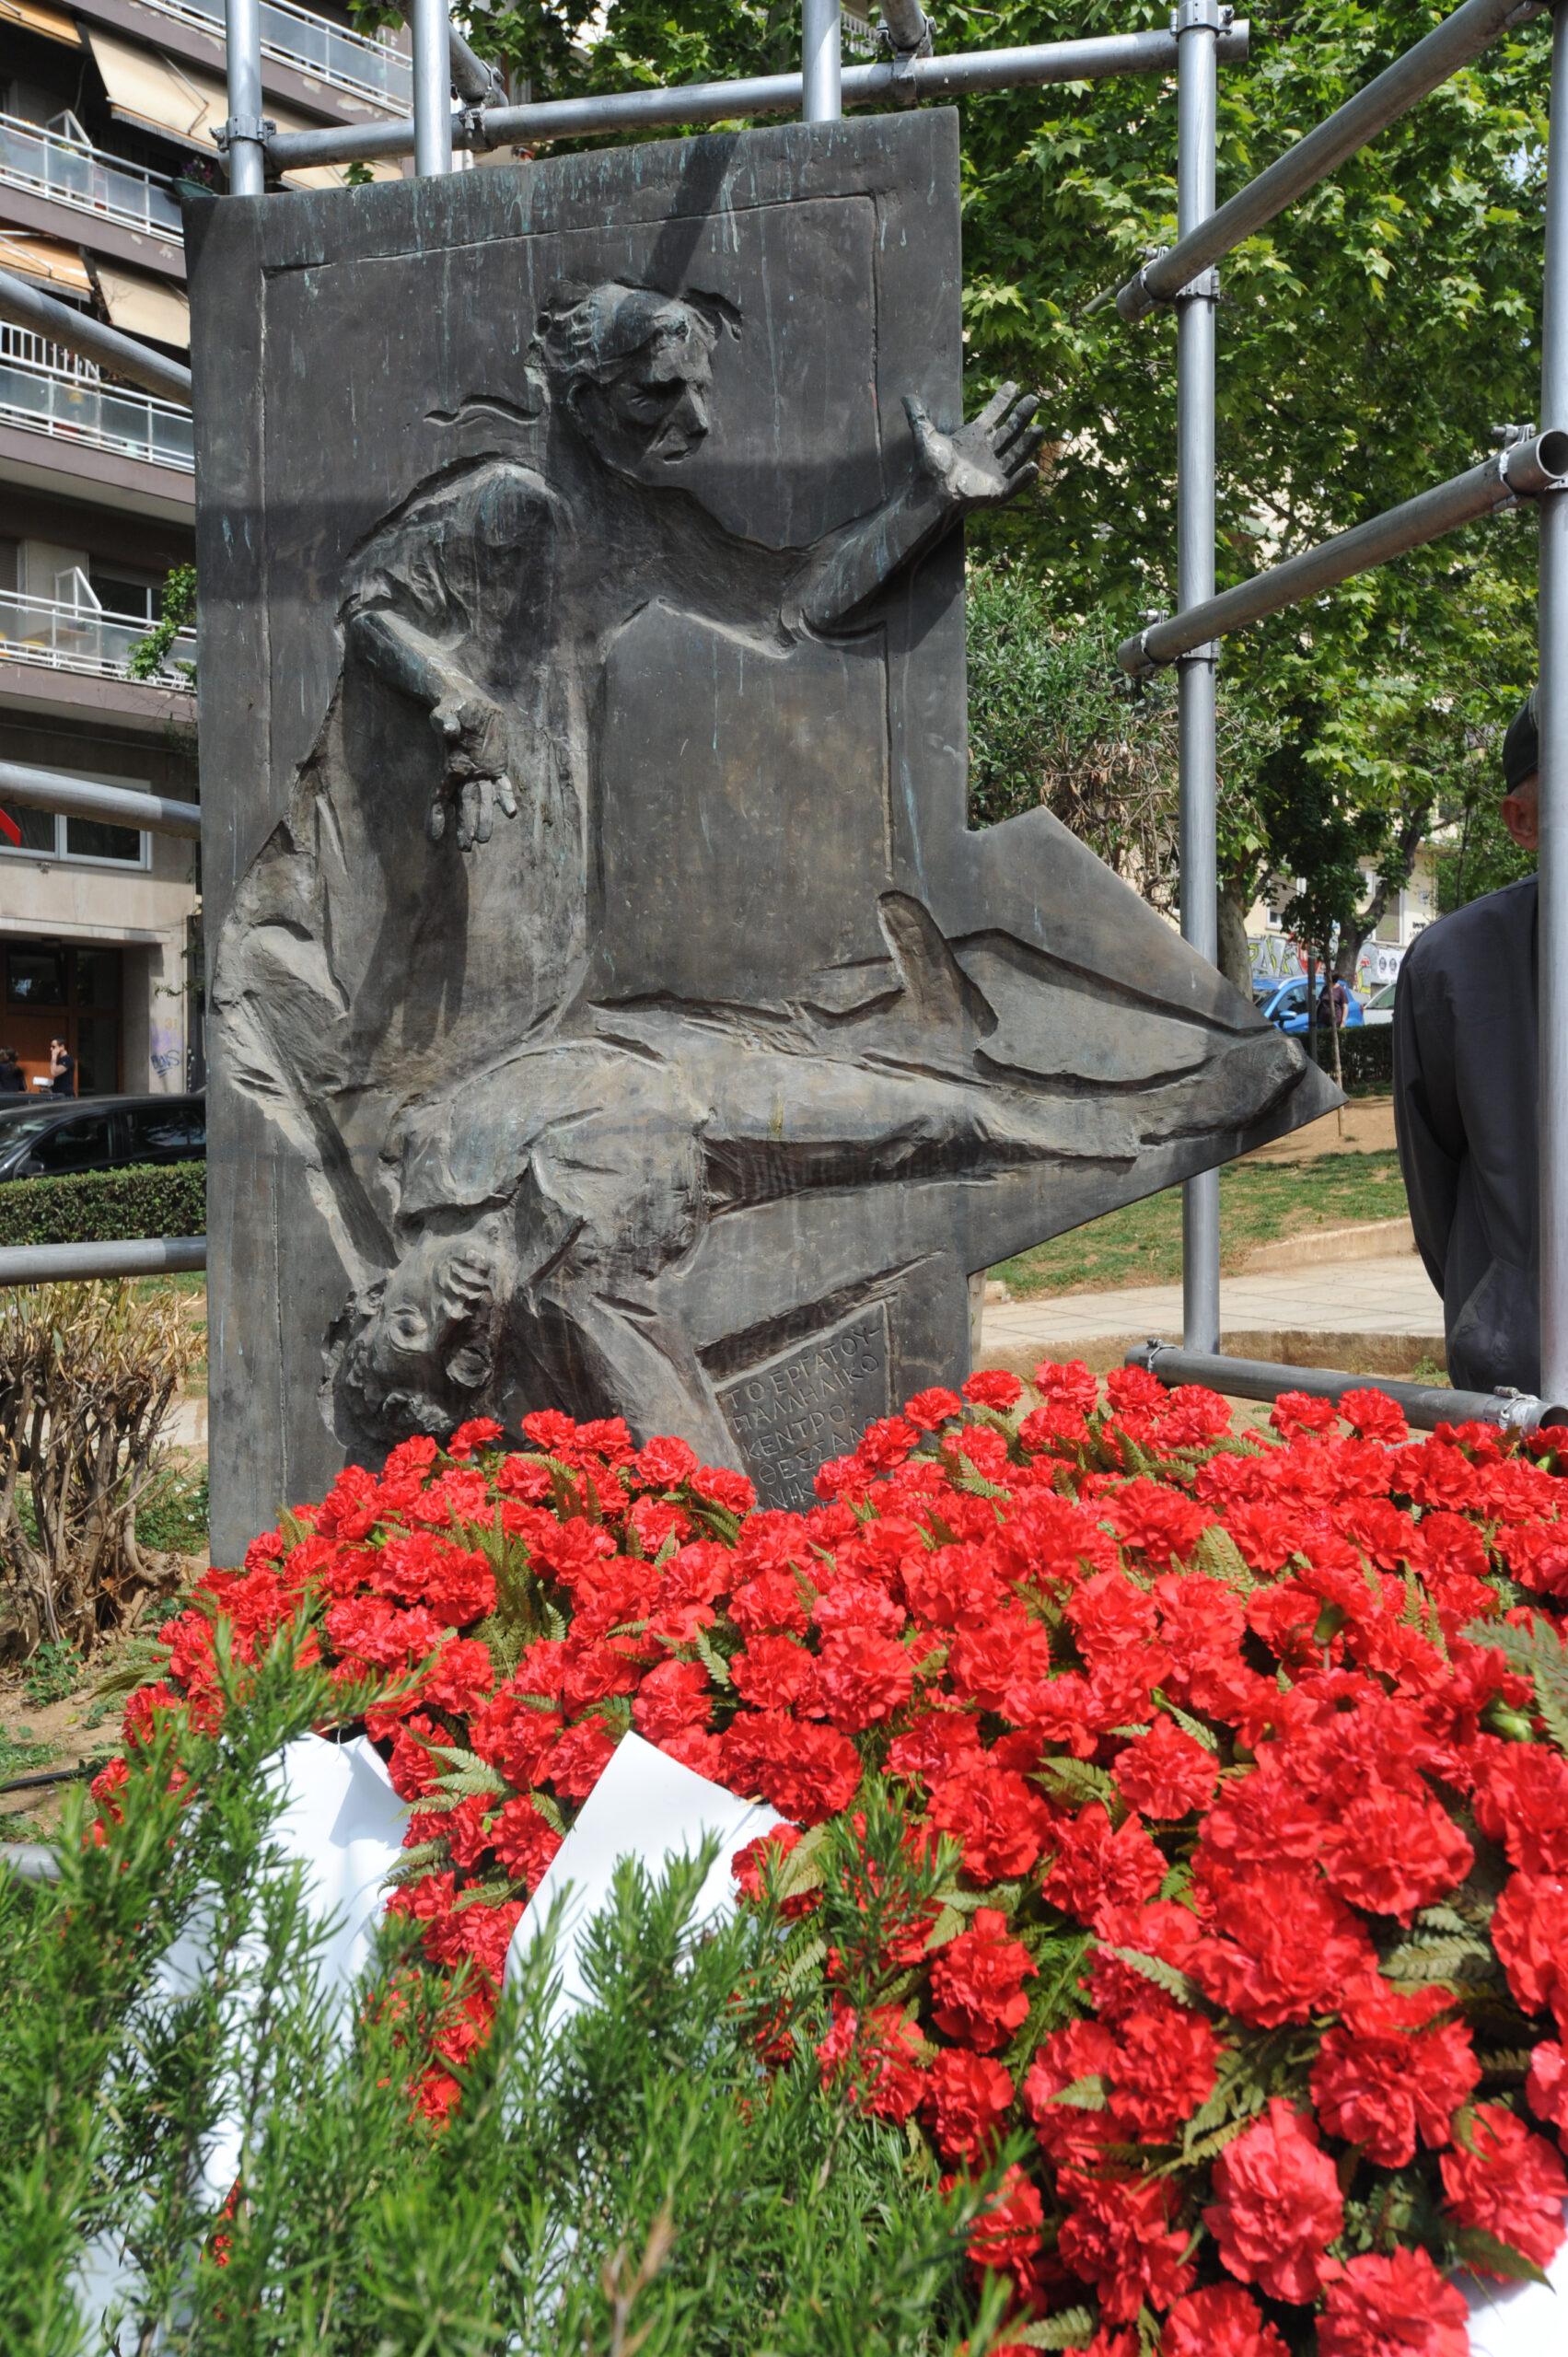 82 χρόνια από το Μάη του 1936 Κατάθεση στεφάνων 9/5 στις 10:30 στο μνημείο του Εργάτη